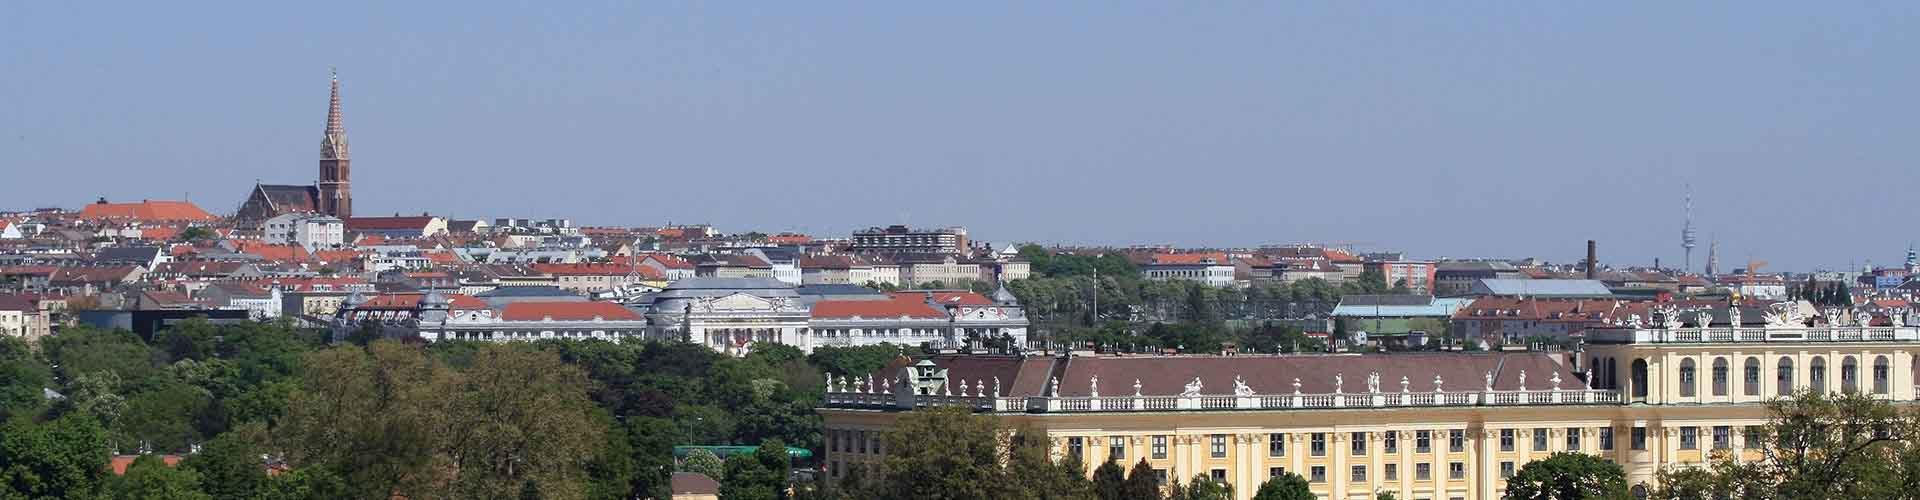 Viena - Hoteles baratos en el distritoRudolfsheim-Fuenfhaus. Mapas de Viena, Fotos y Comentarios para cada hotel en Viena.